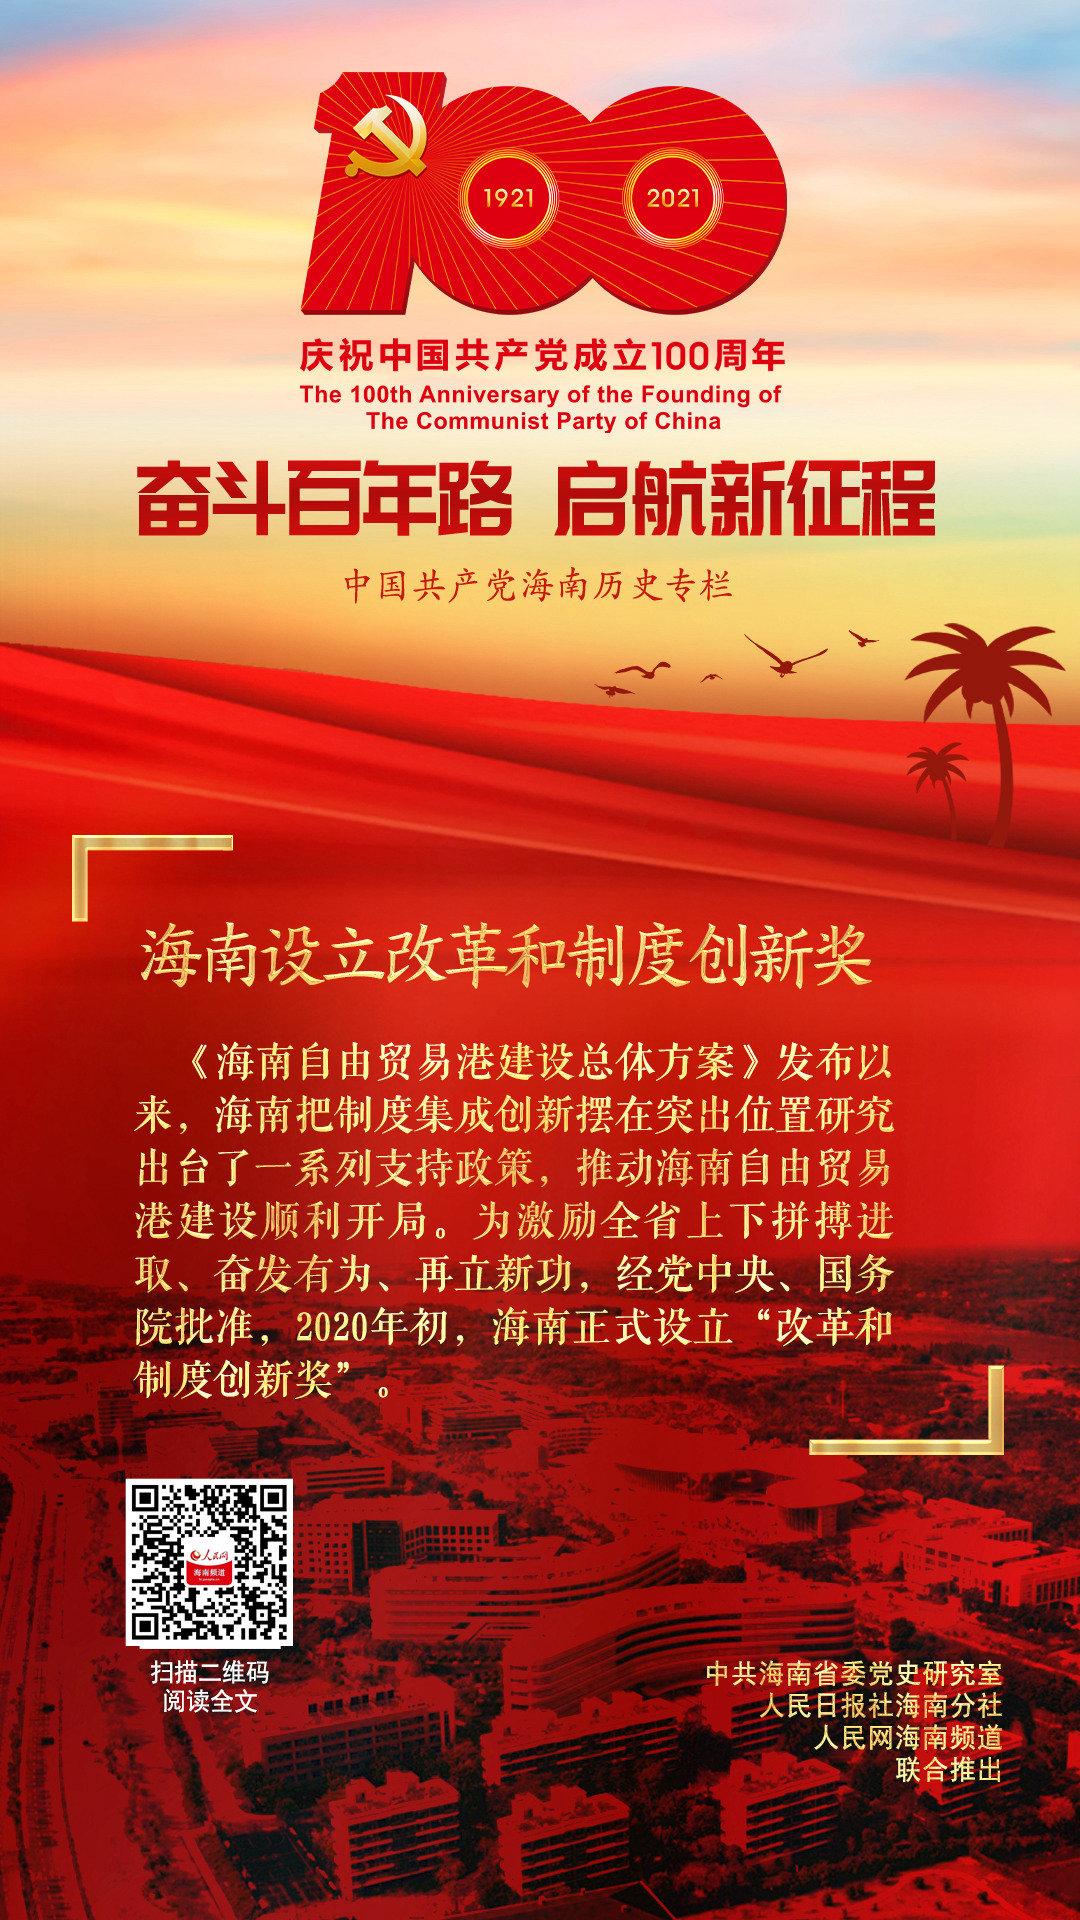 海南党史百件大事 第87集|海南设立改革和制度创新奖